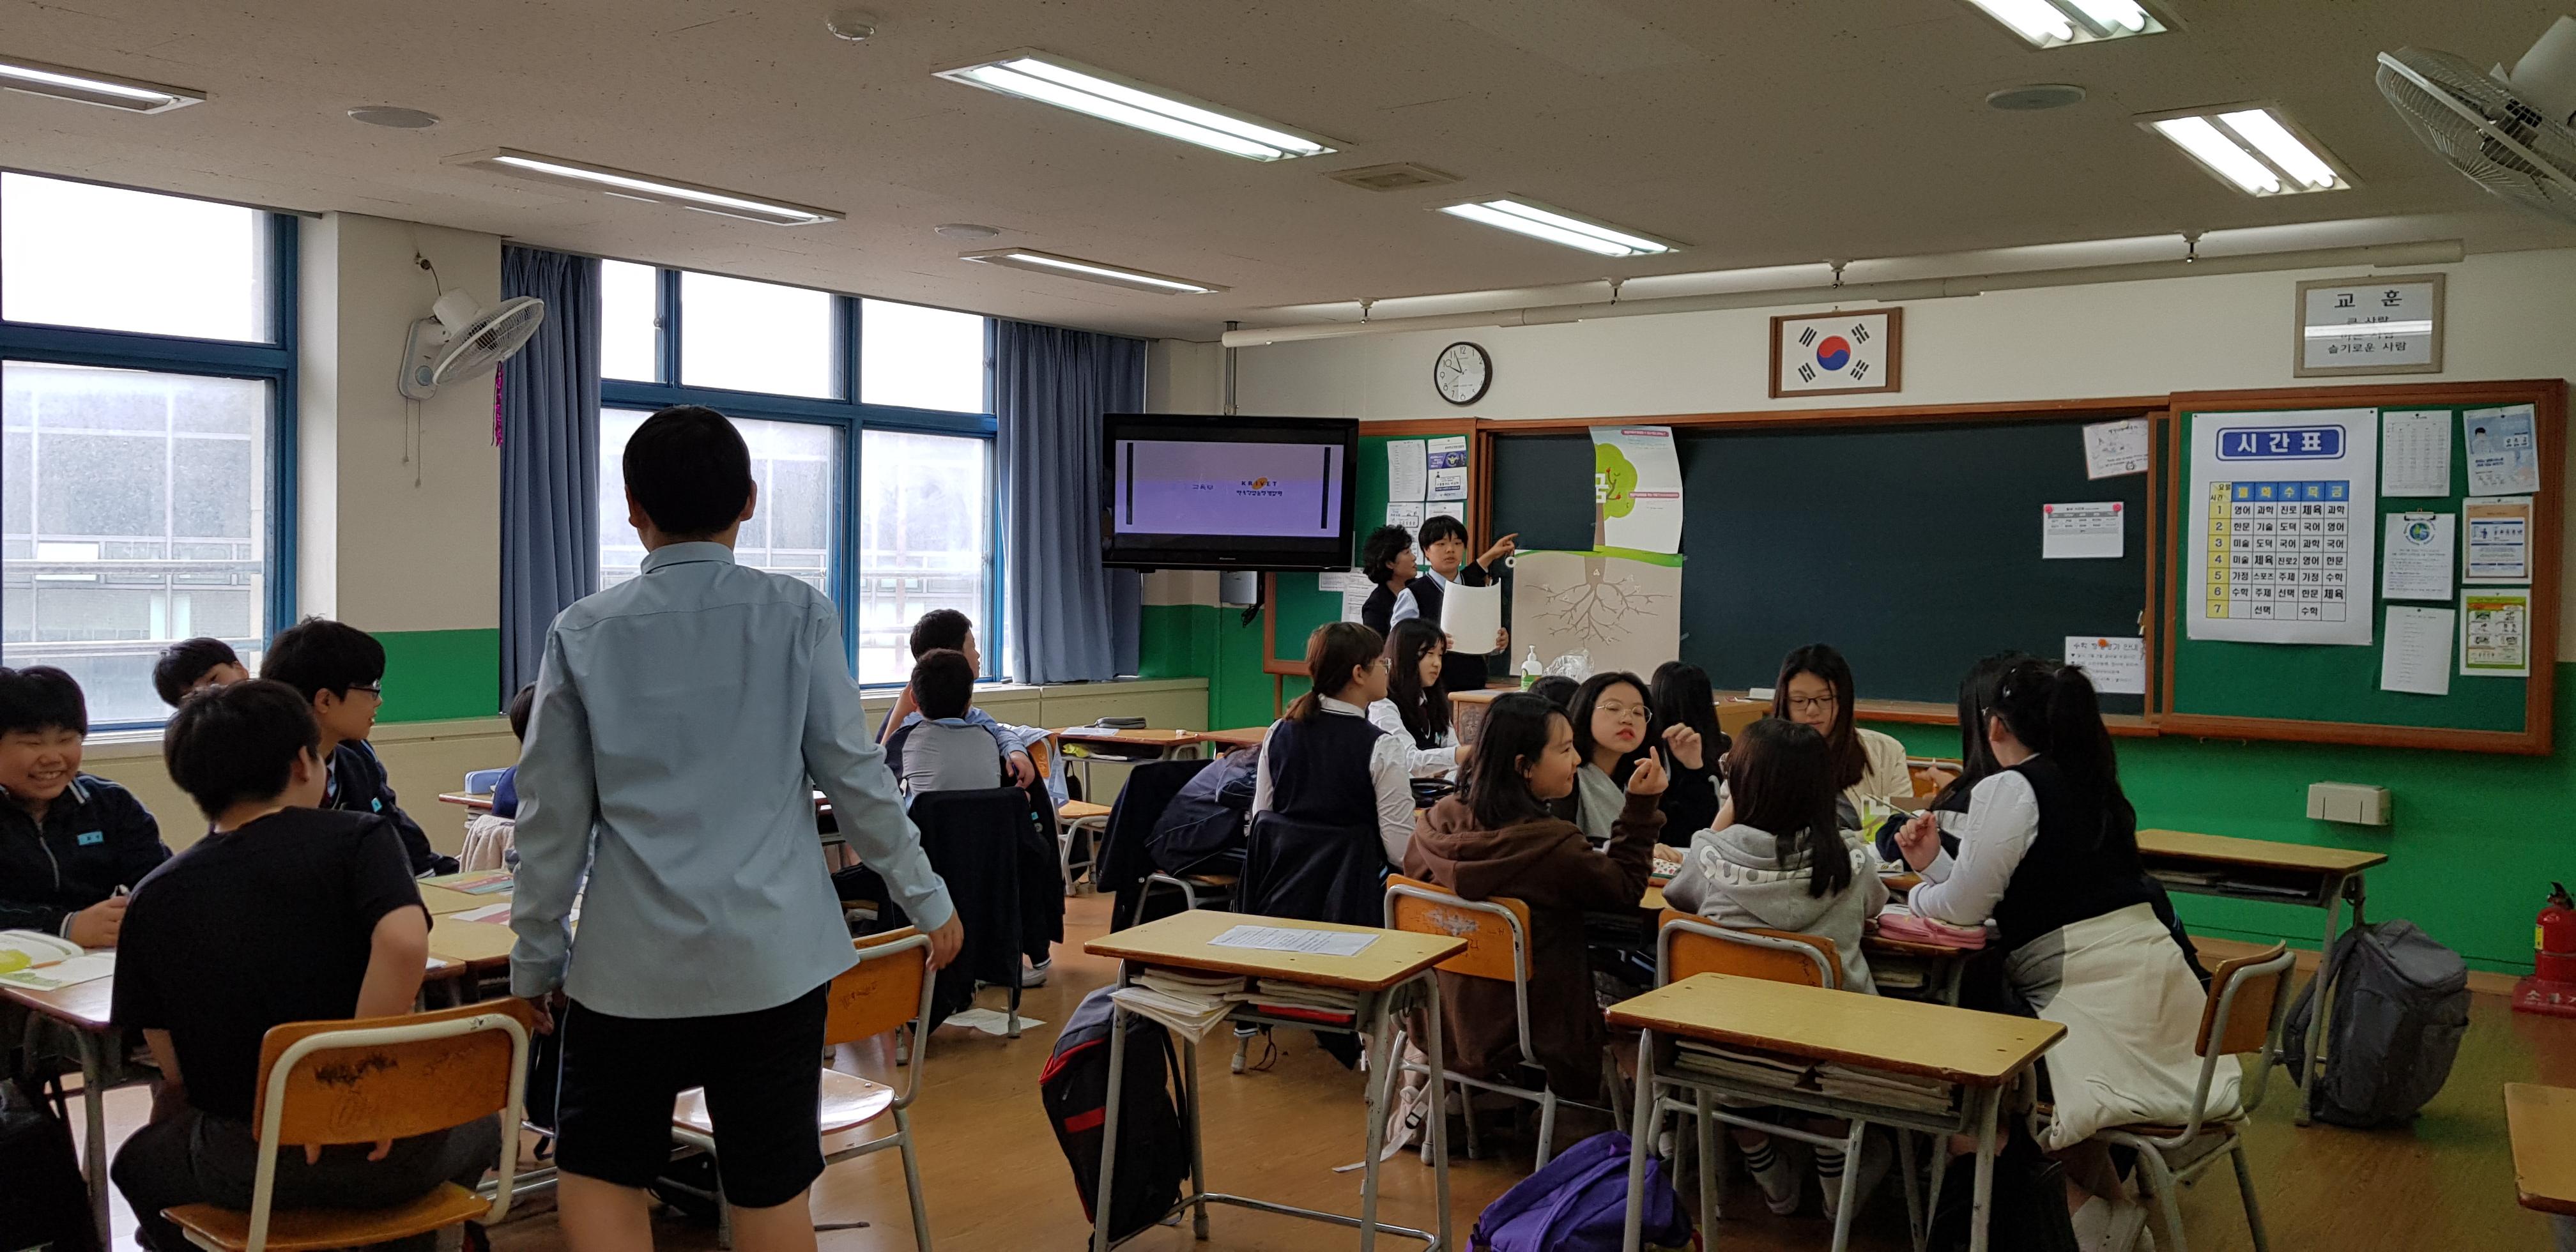 20190424 숭인중학교 사전교육 (6) (곽)